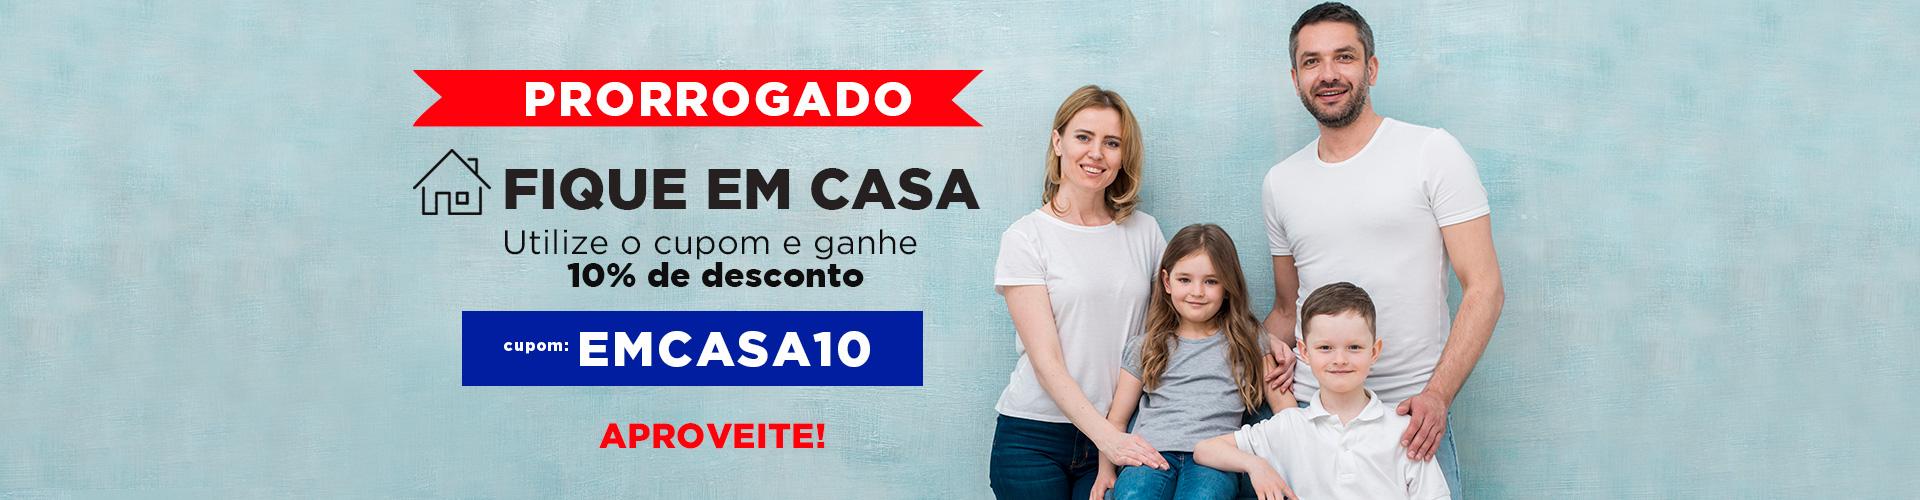 cupom emcasa10 prorrogado